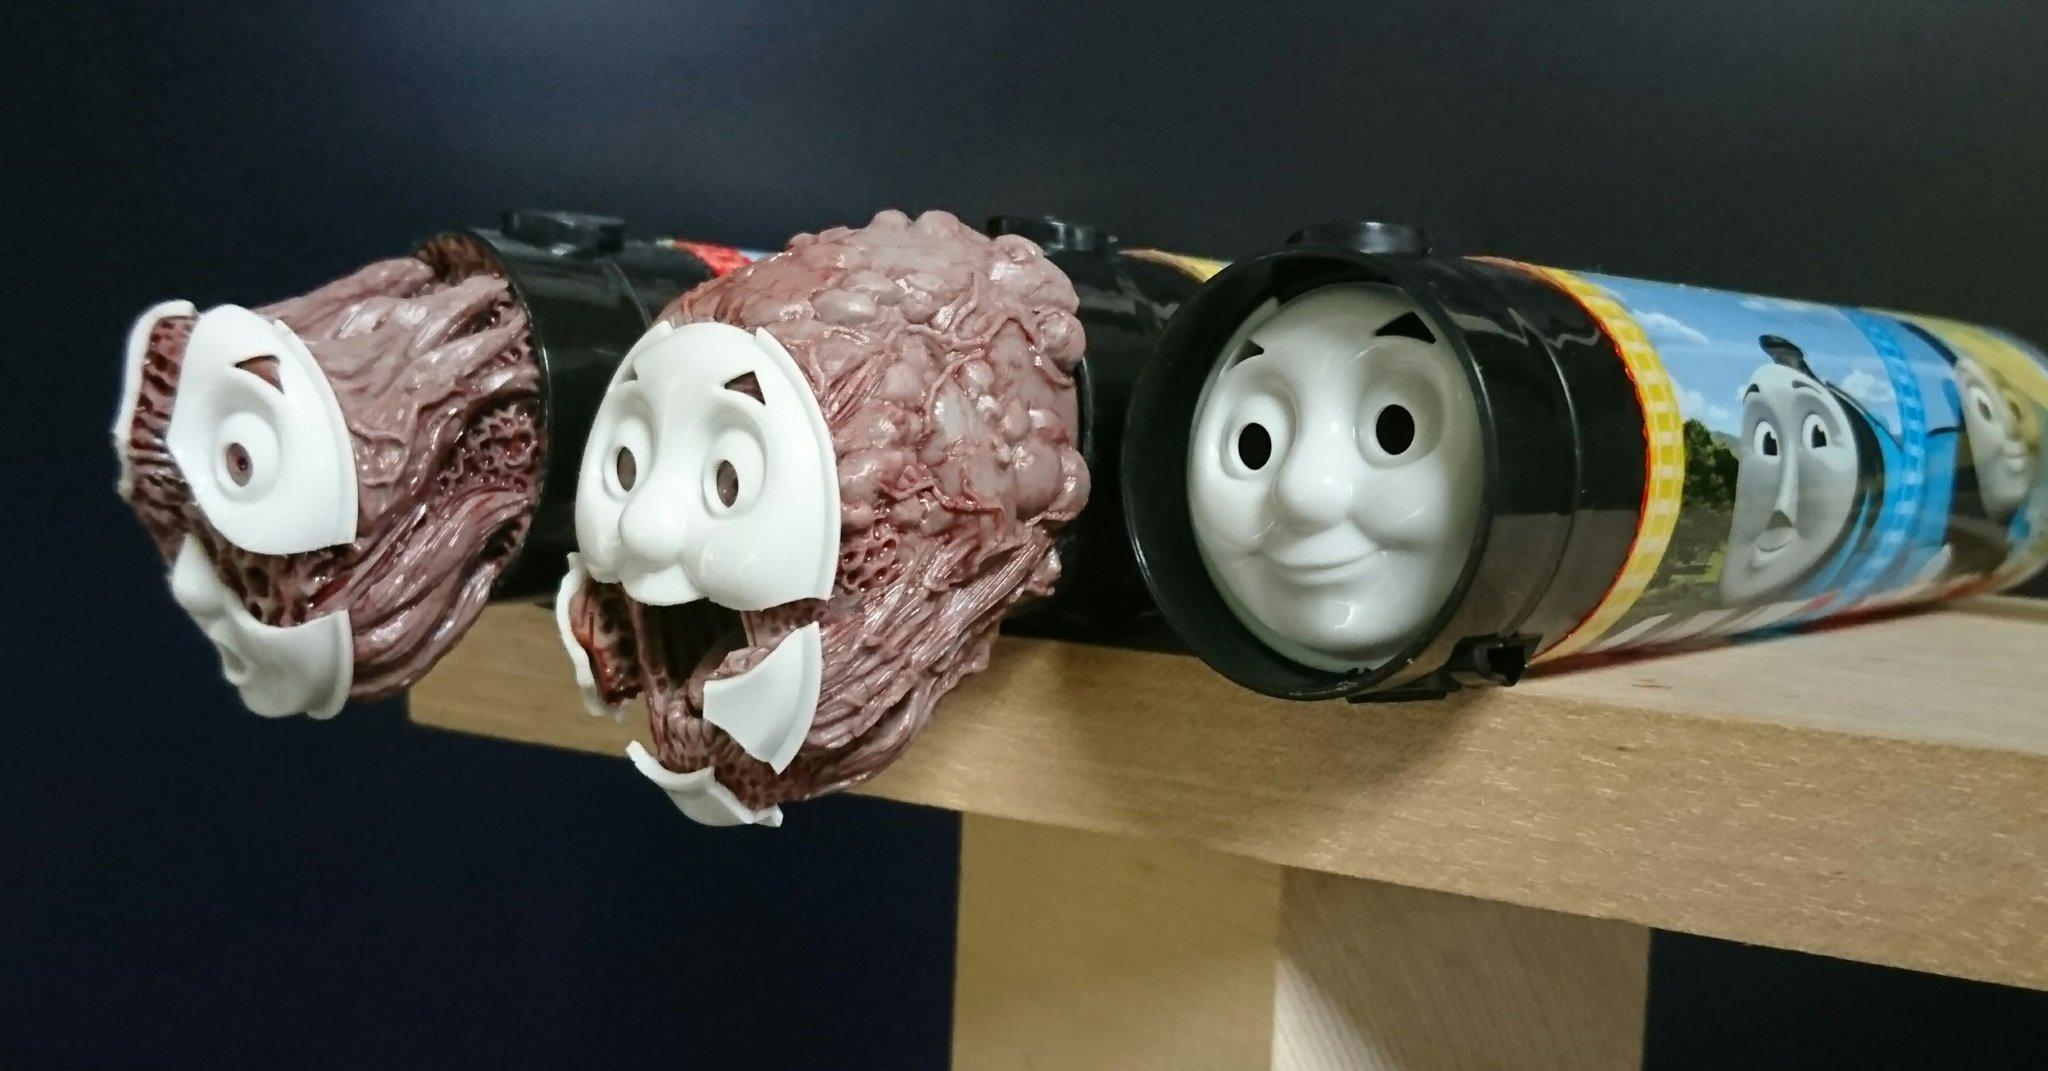 いや怖すぎだろww誰も乗ってくれなさそうなトーマスの魔改造ww